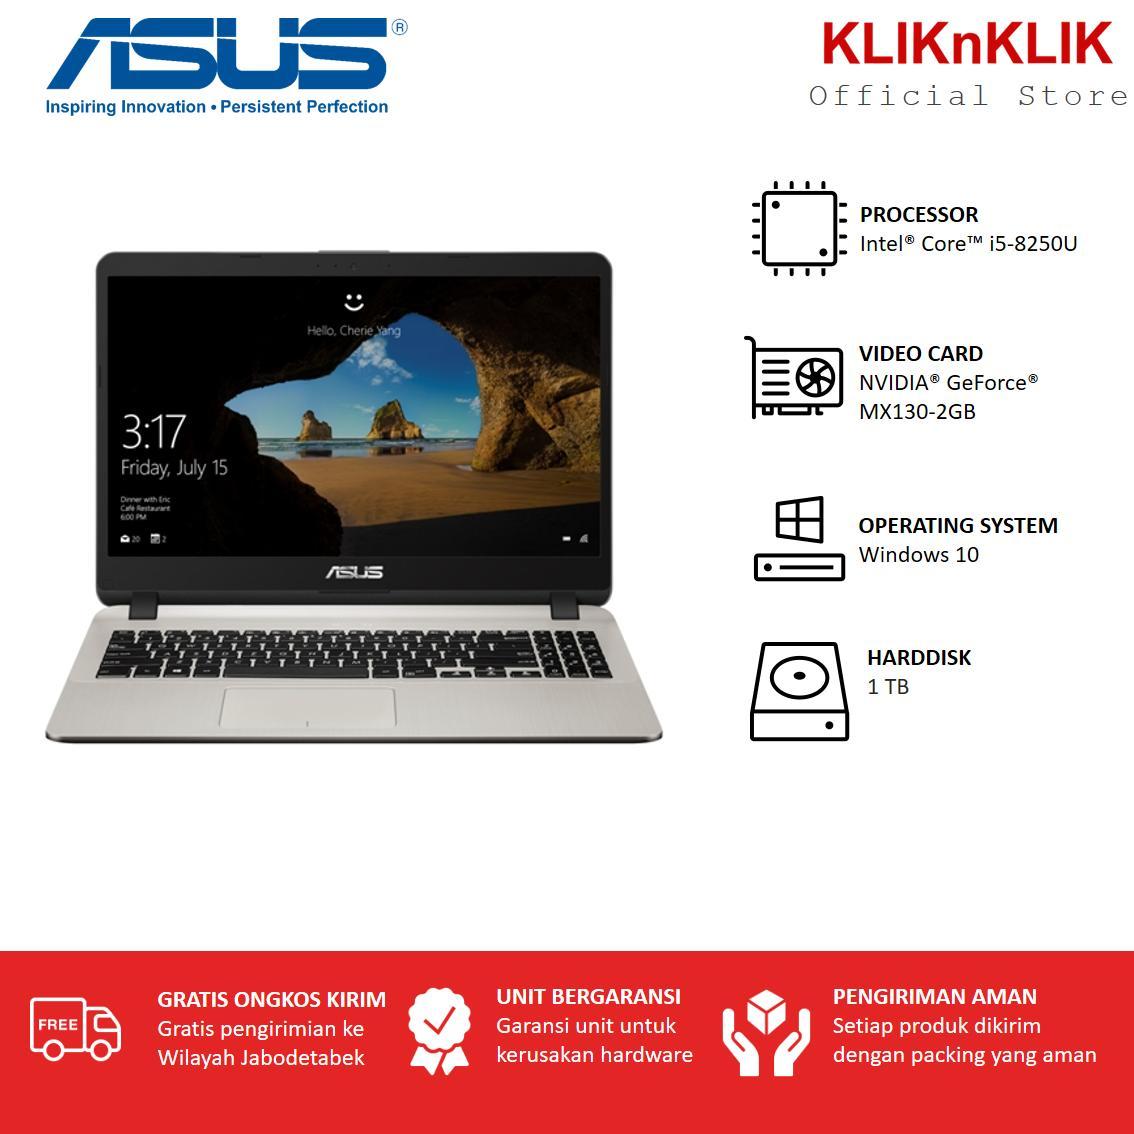 ASUS A407UF-BV512T - RAM 4GB - Intel i5-8250U - HDD 1TB - nVidia MX130-2GB - 14 - Widows 10 - Gold - Laptop Murah